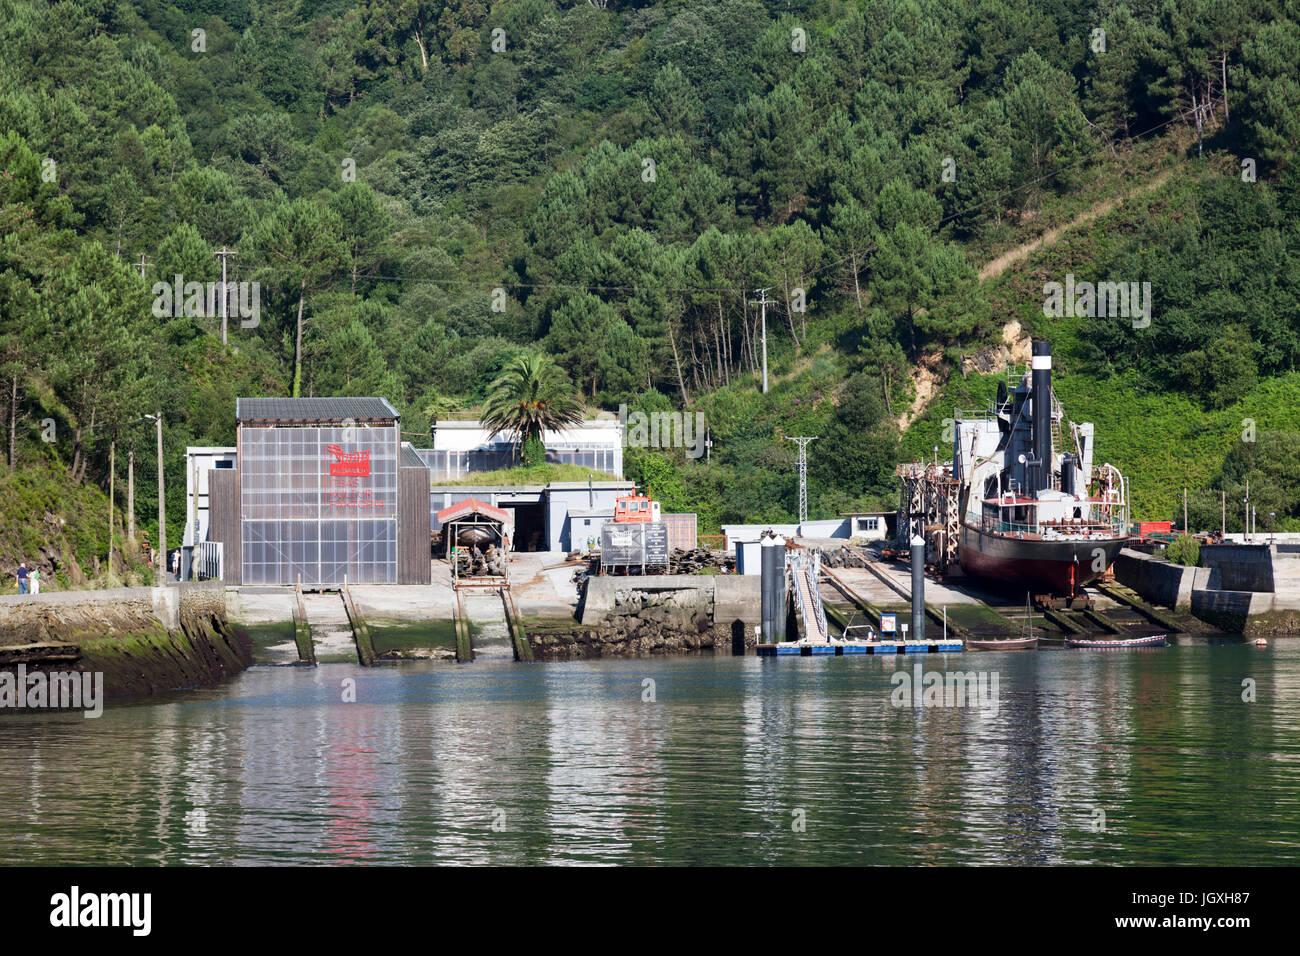 Una benna di dragaggio di nave nel bacino di carenaggio nel fiordo di Pasajes (Guipuzkoa - Spagna). Pasajes (o Pasaia) Immagini Stock